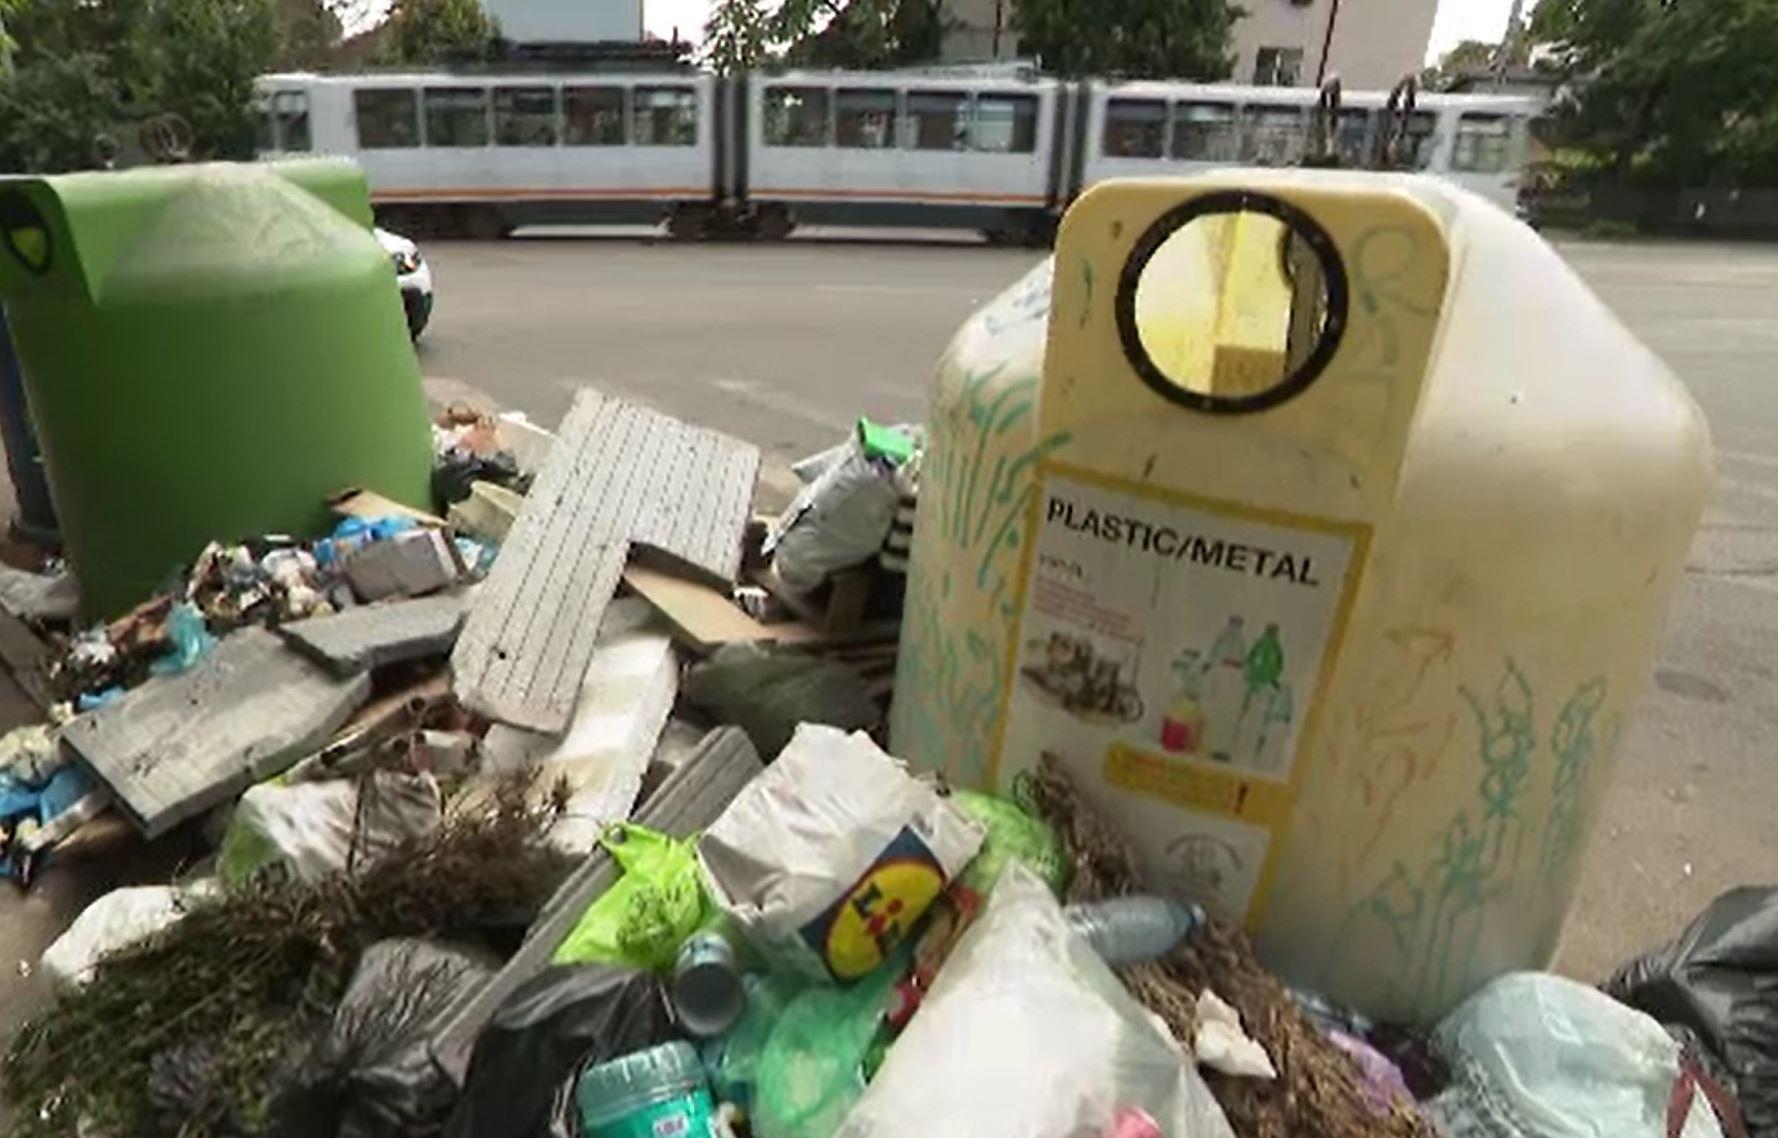 Soluție de moment găsită pentru criza gunoaielor din Sectorul 1. Anunțul făcut de prefectul Capitalei